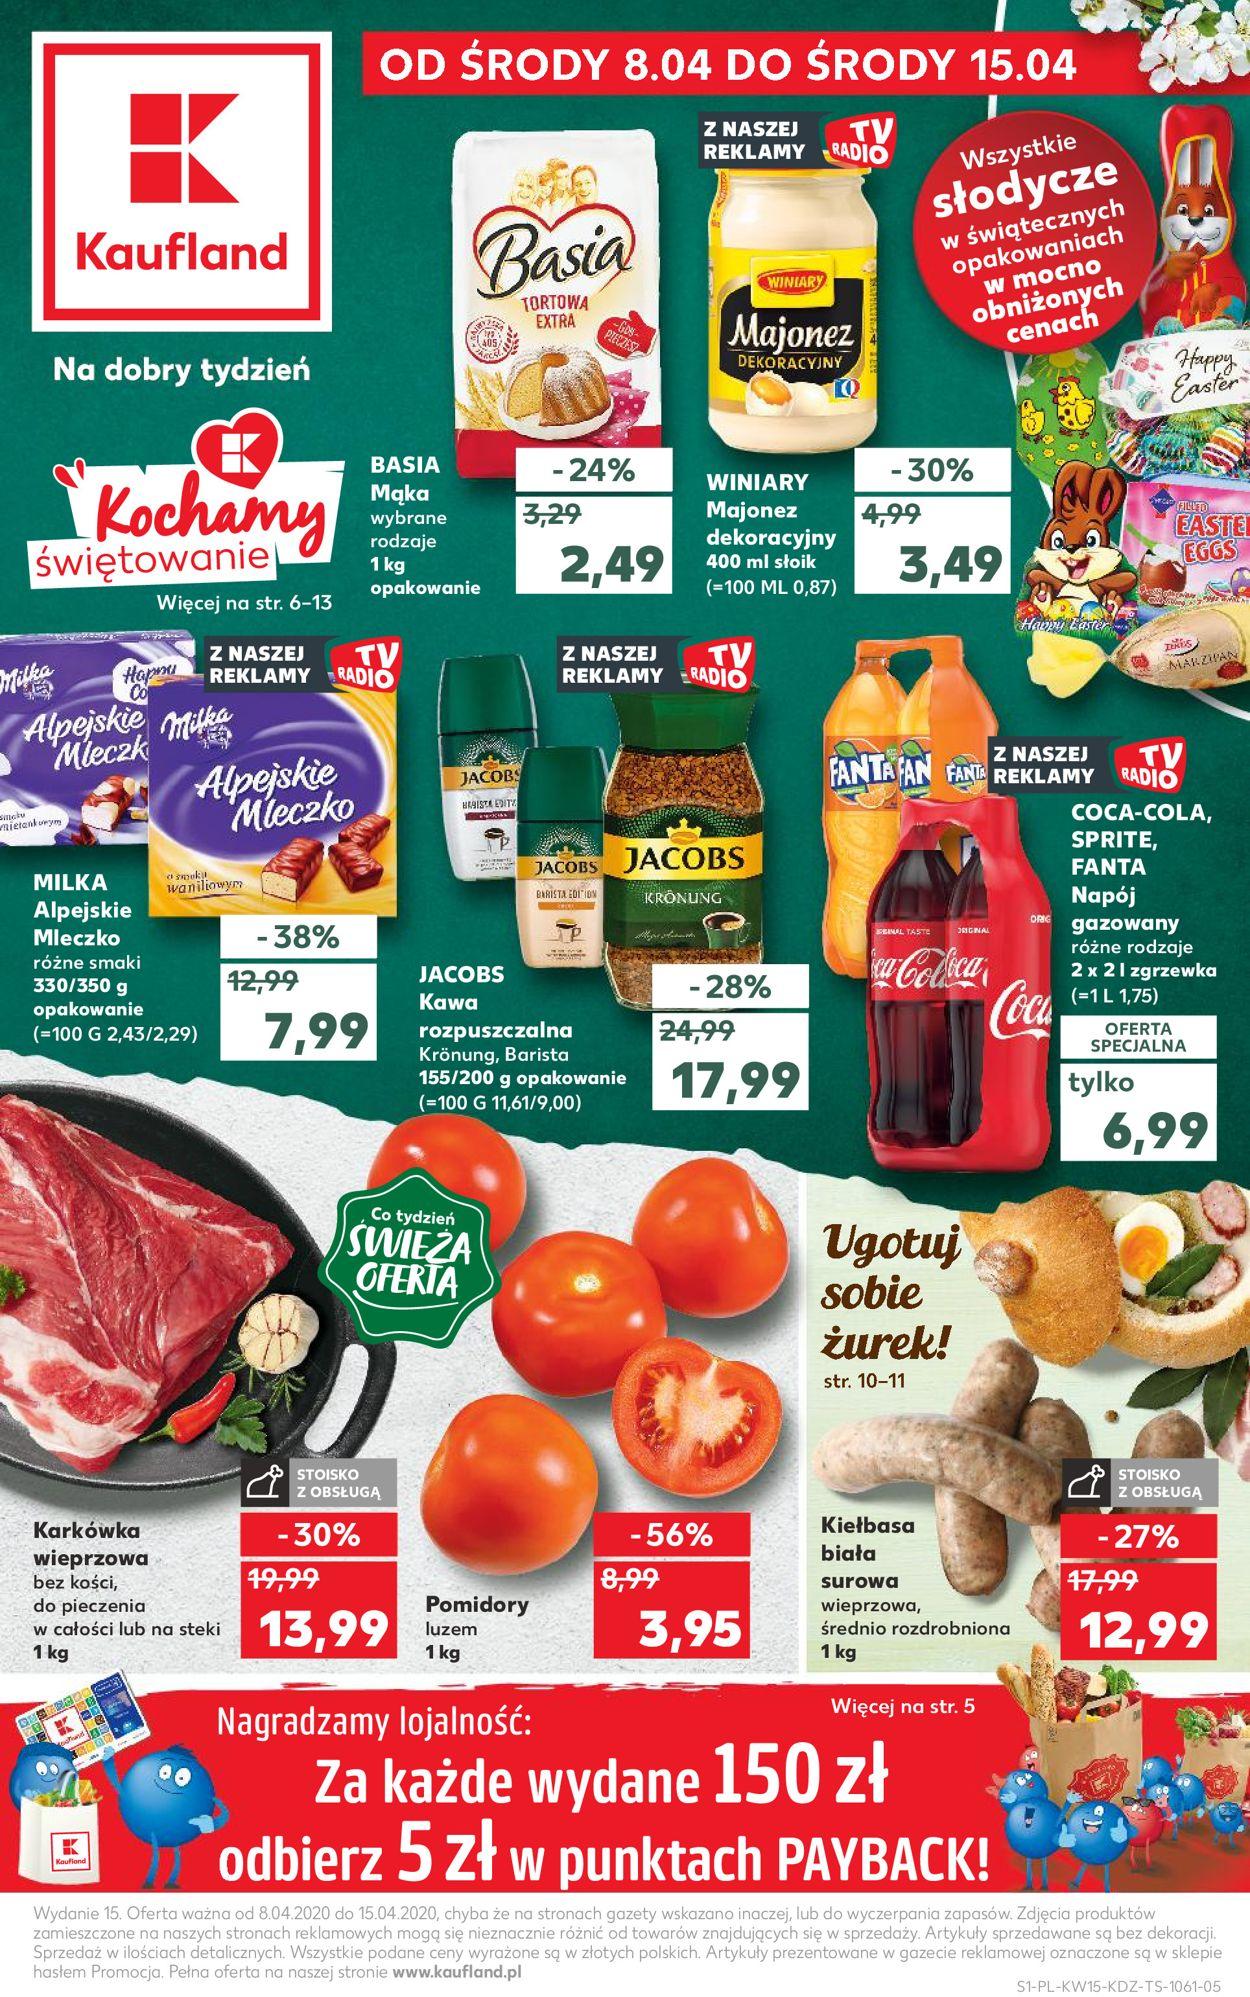 Gazetka promocyjna Kaufland - 08.04-15.04.2020